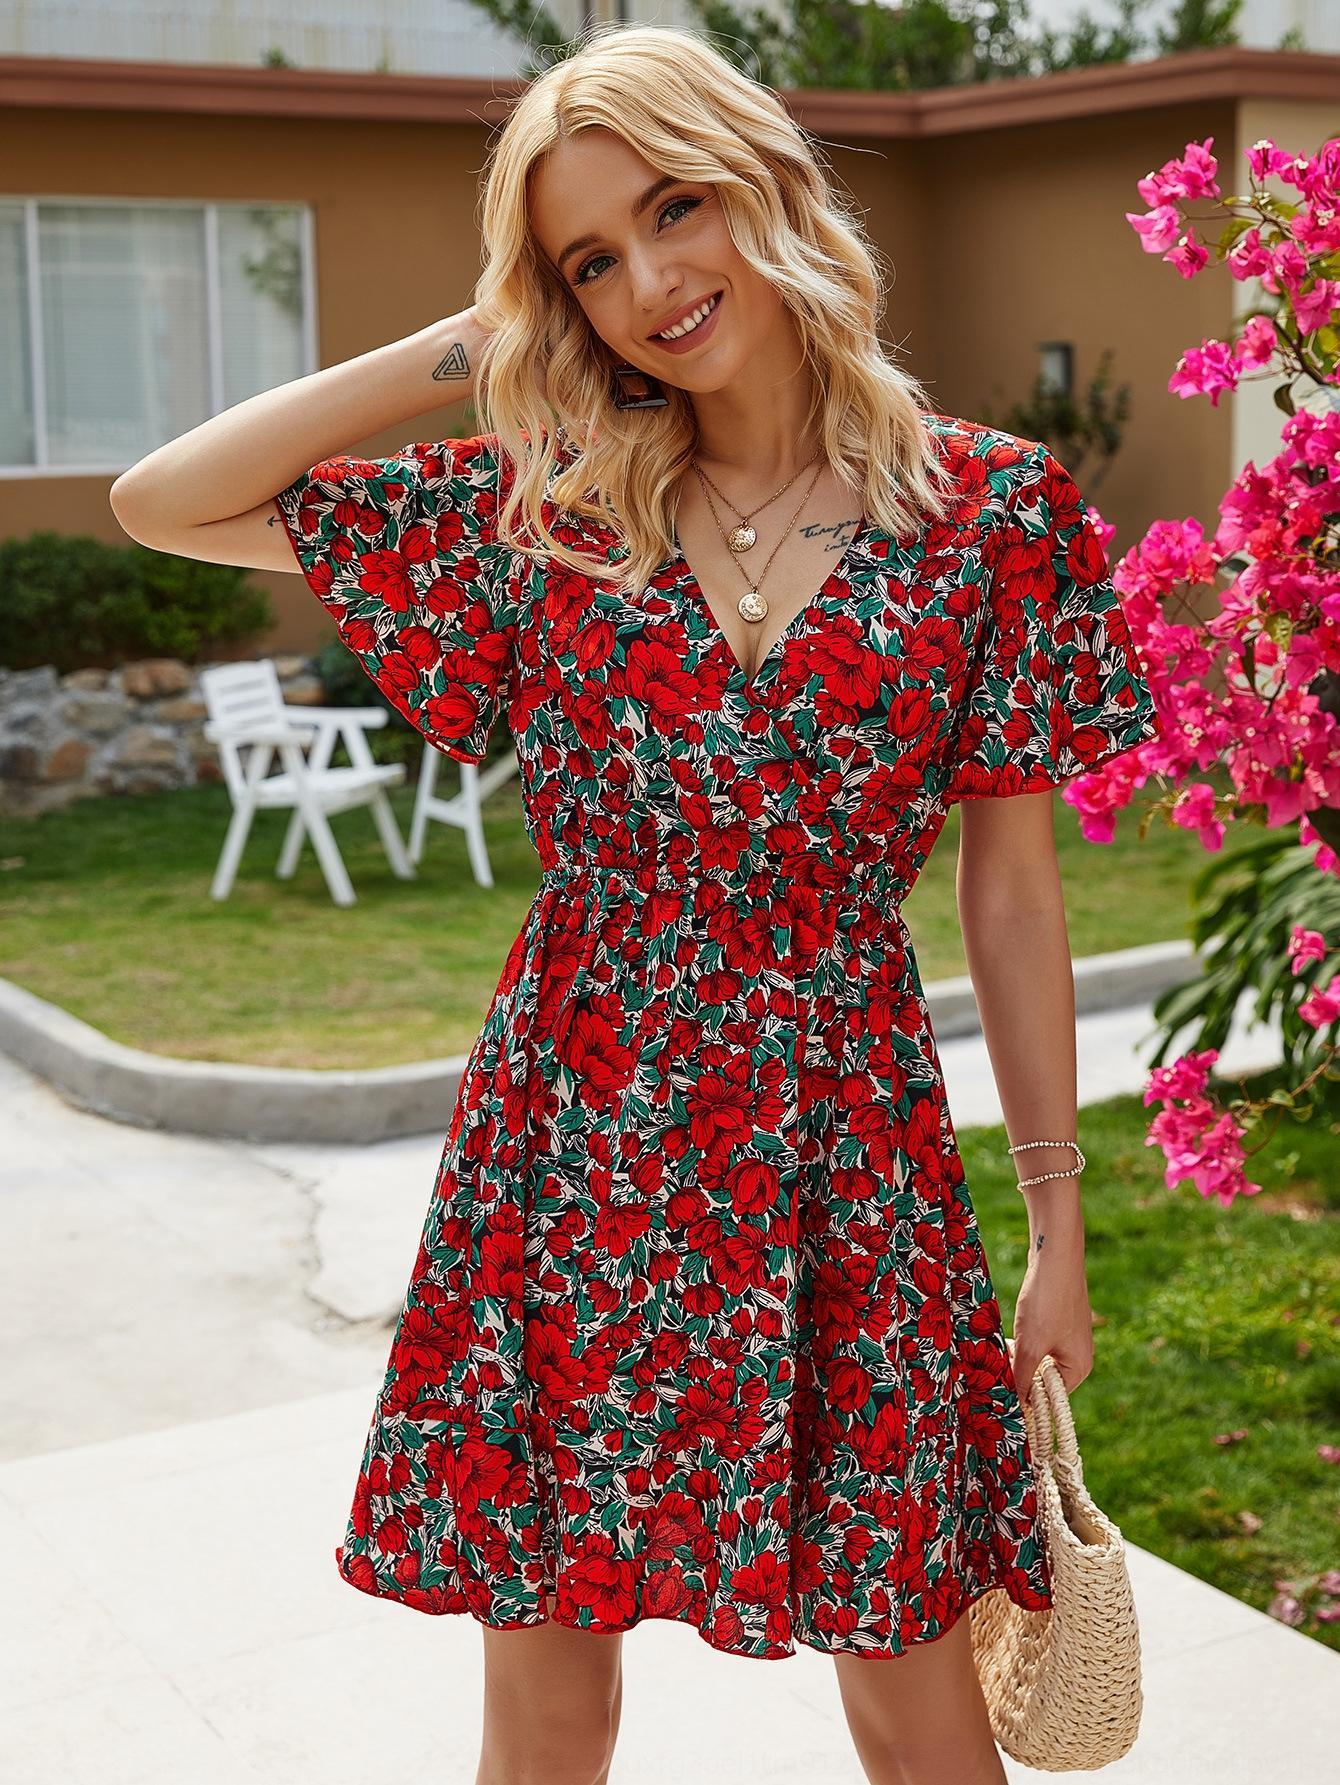 3LrBq 6RxVq 2020 лето модно лето новое платье женщин модно печататься платье 2020 напечатанных новых женщин